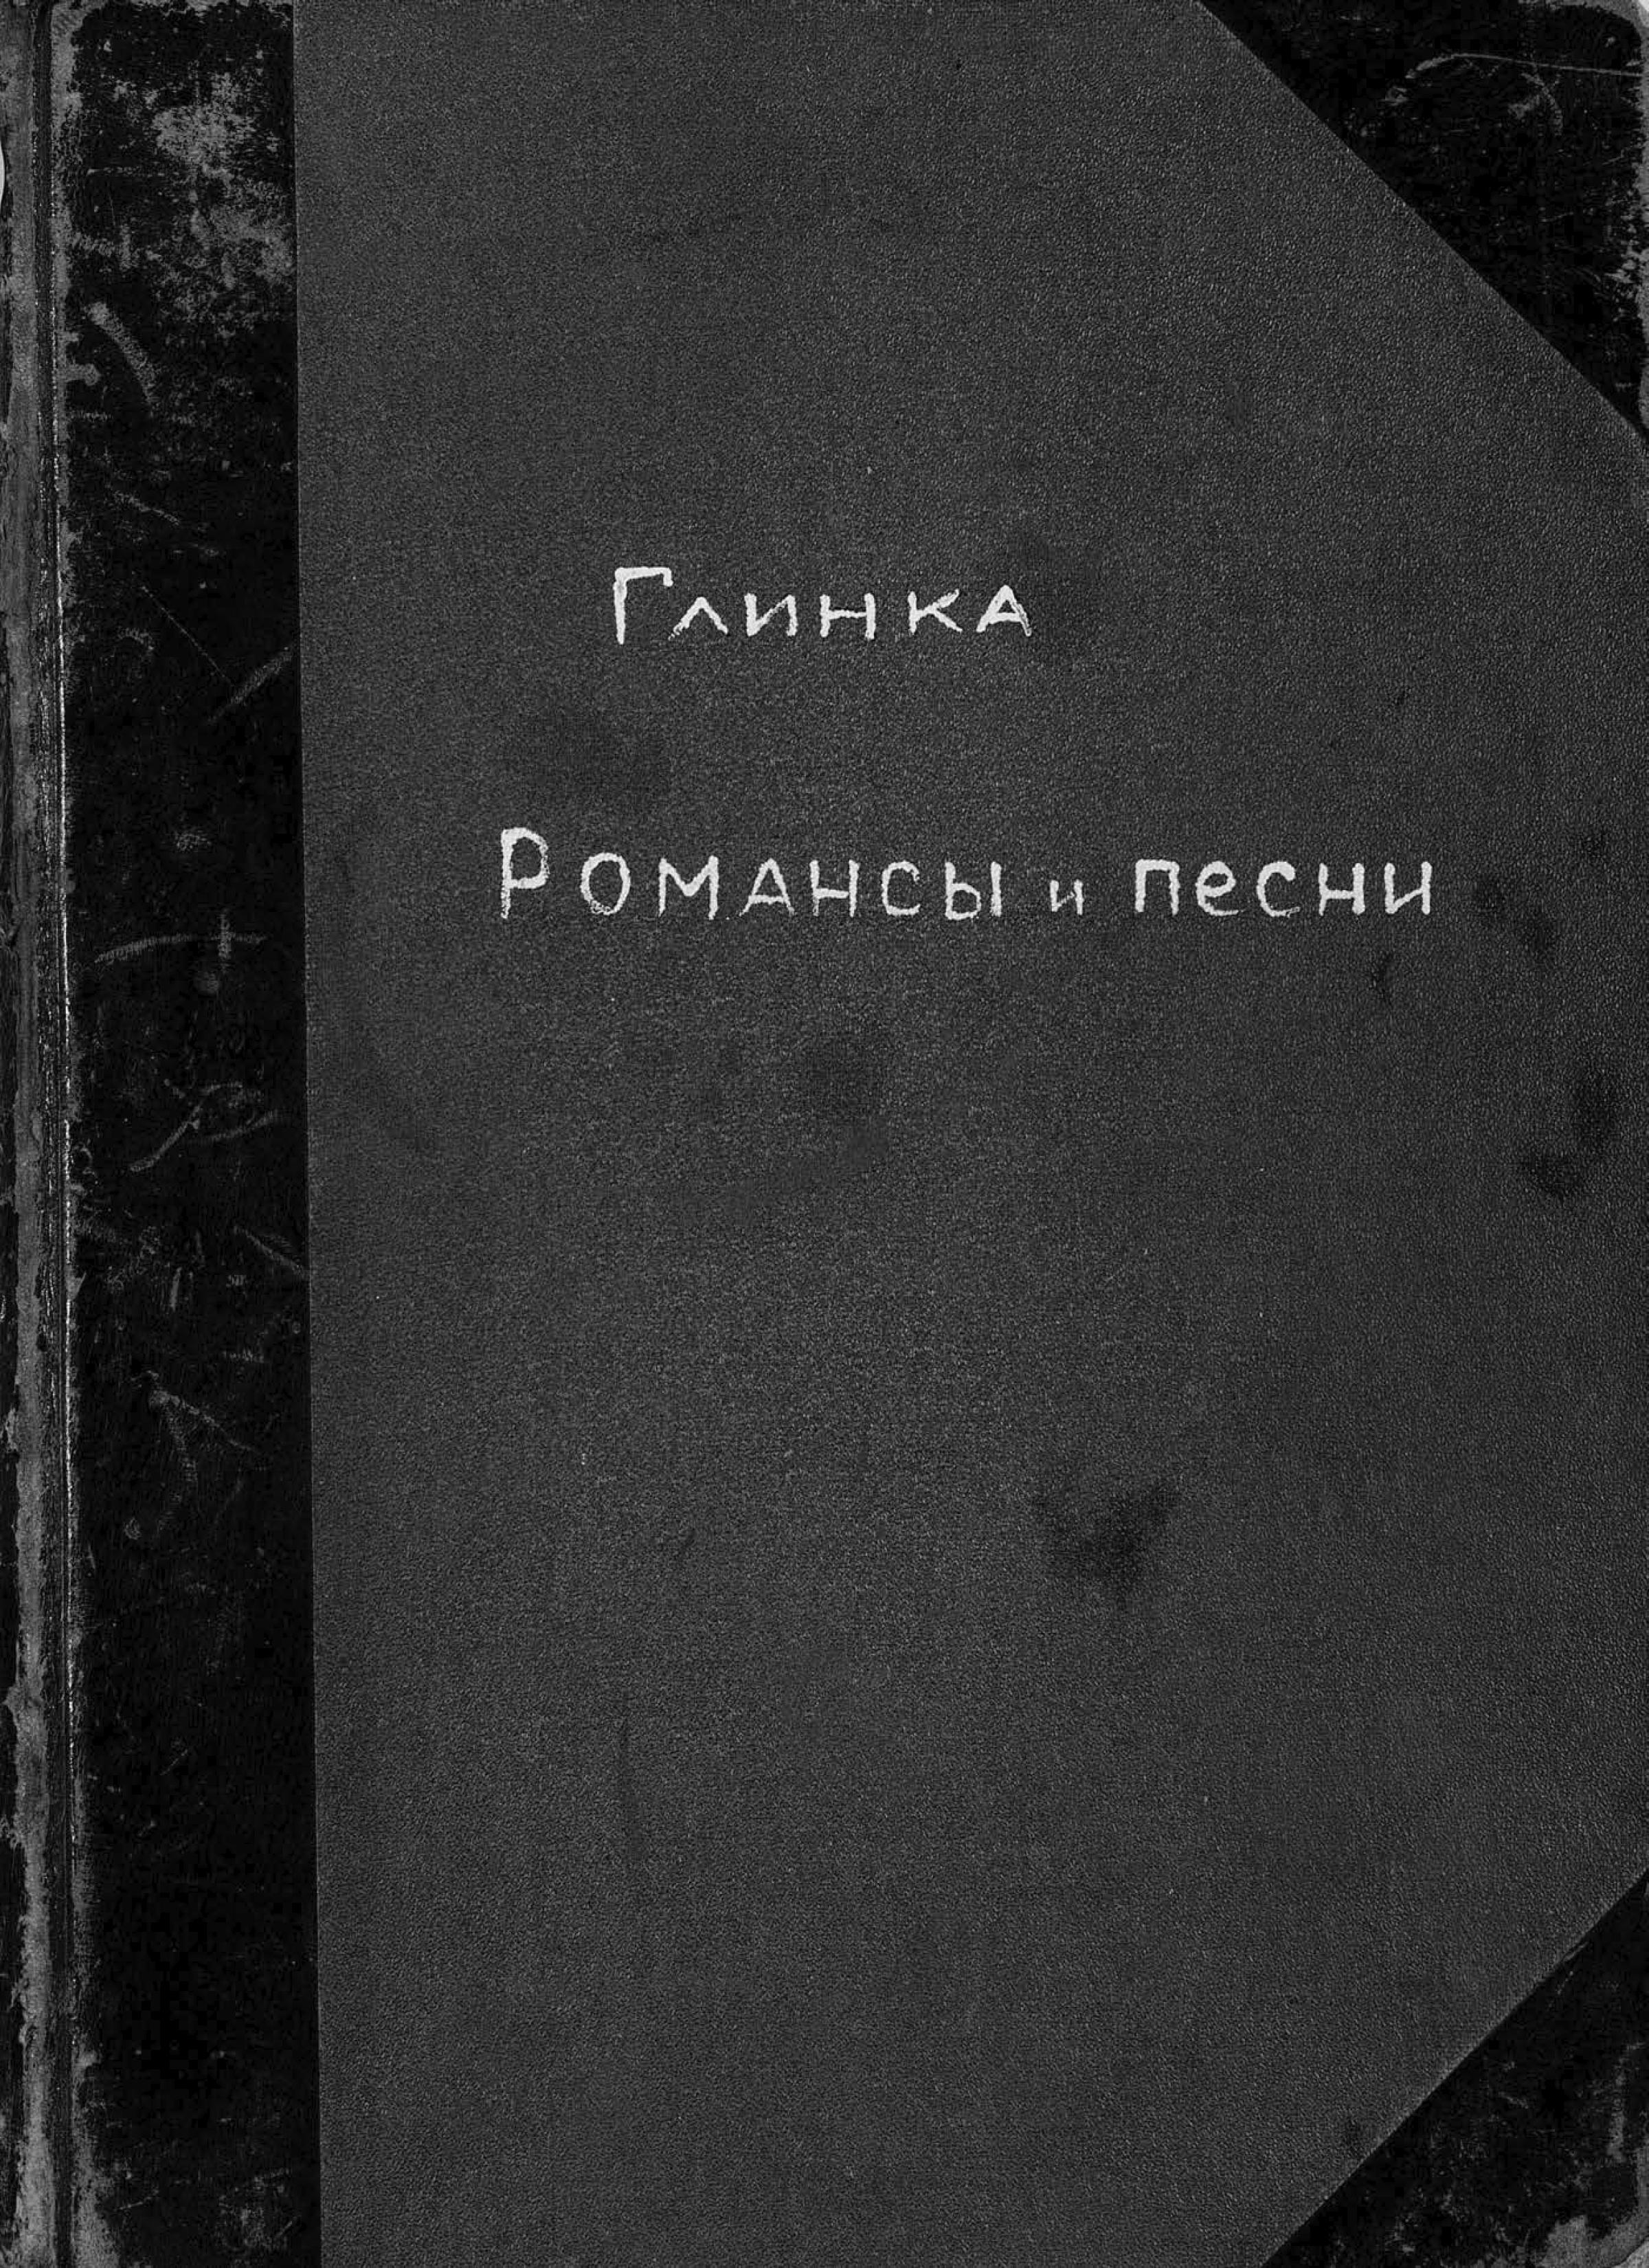 Михаил Иванович Глинка Романсы и песни М. Глинки михаил глинка классические русские романсы